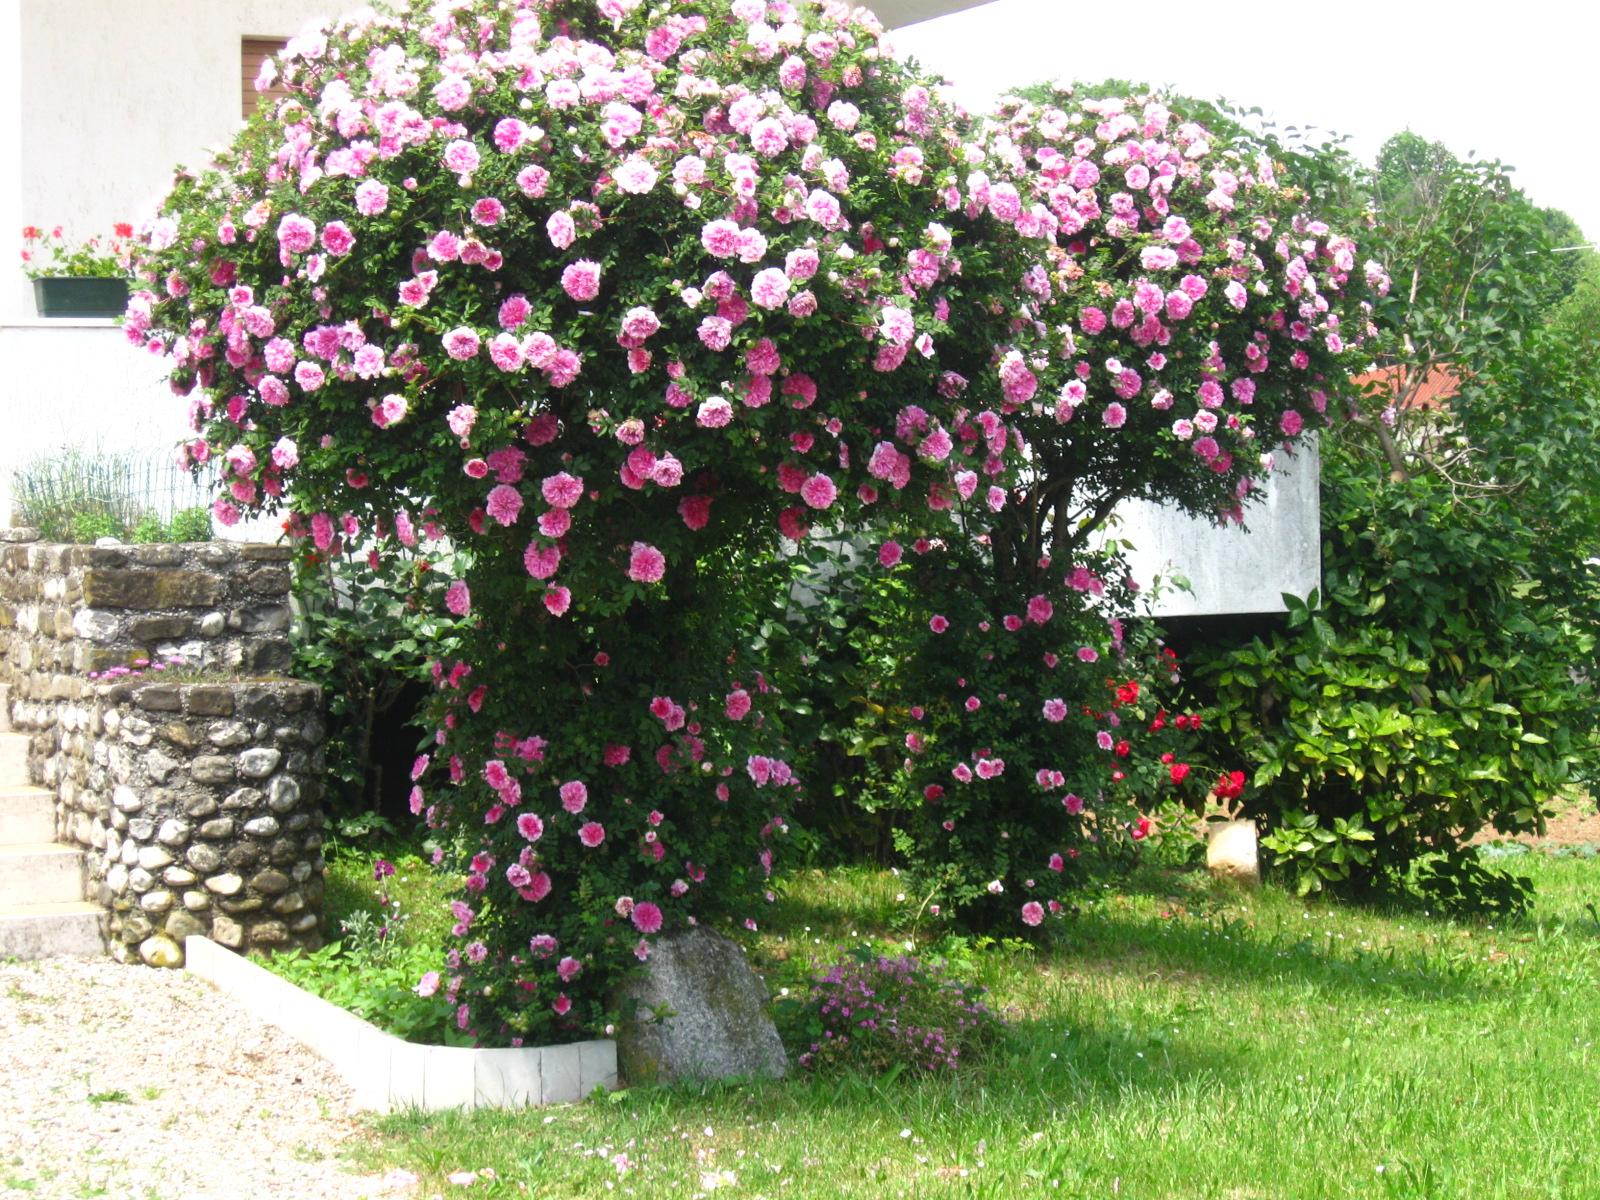 Roxburghii plena show amici in giardino for Cespugli giardino